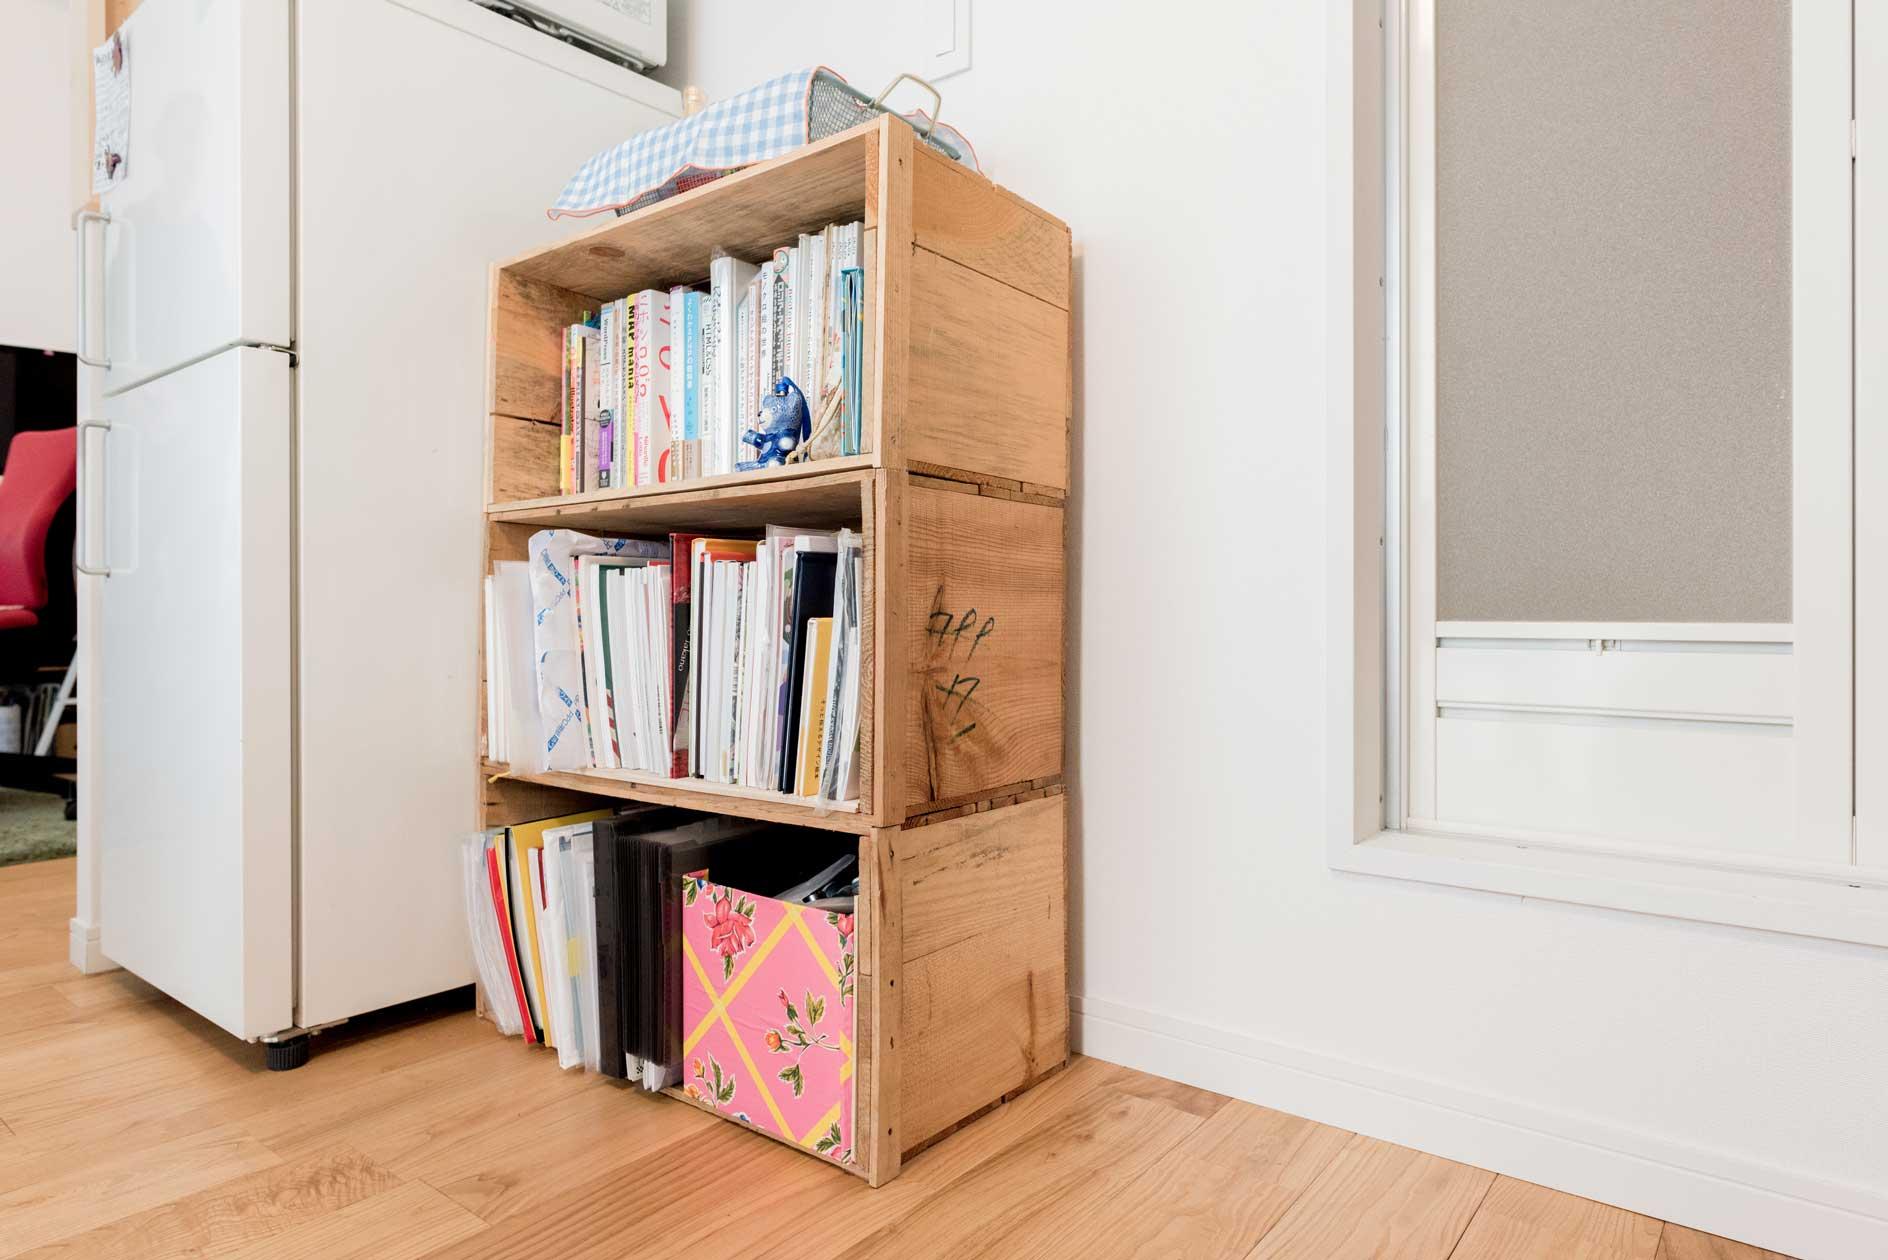 重ねたり、並べたり。いろんな組み合わせ方ができるりんご箱は、引越しの多いひとの味方。中身を入れたまま梱包してお引越し、なんてことも可能。丈夫なので本を入れるのにも適しています。